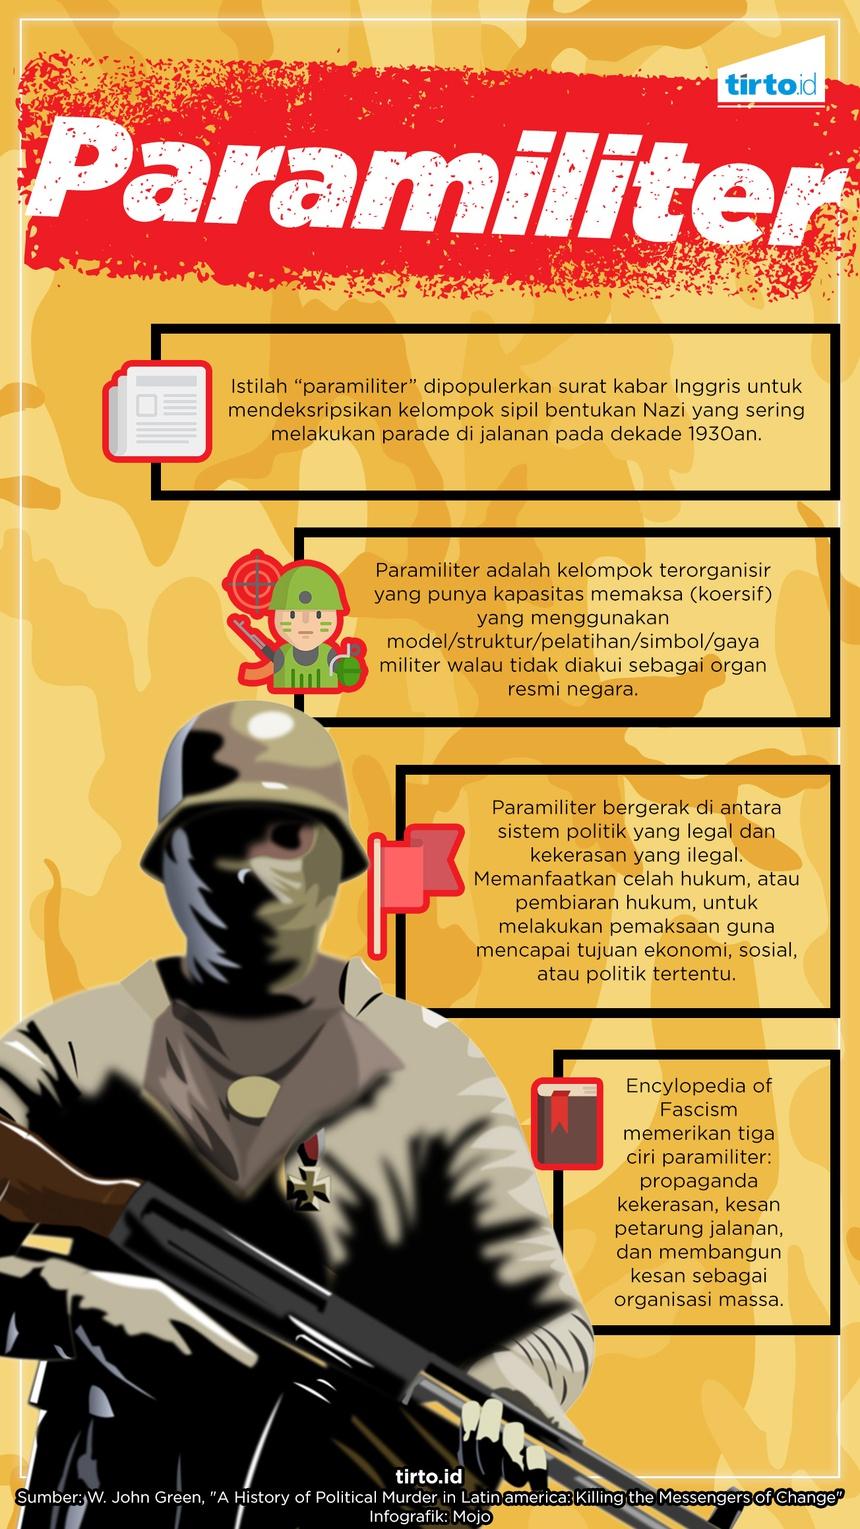 Menjadi Republik Ormas, Membiakkan Paramiliter